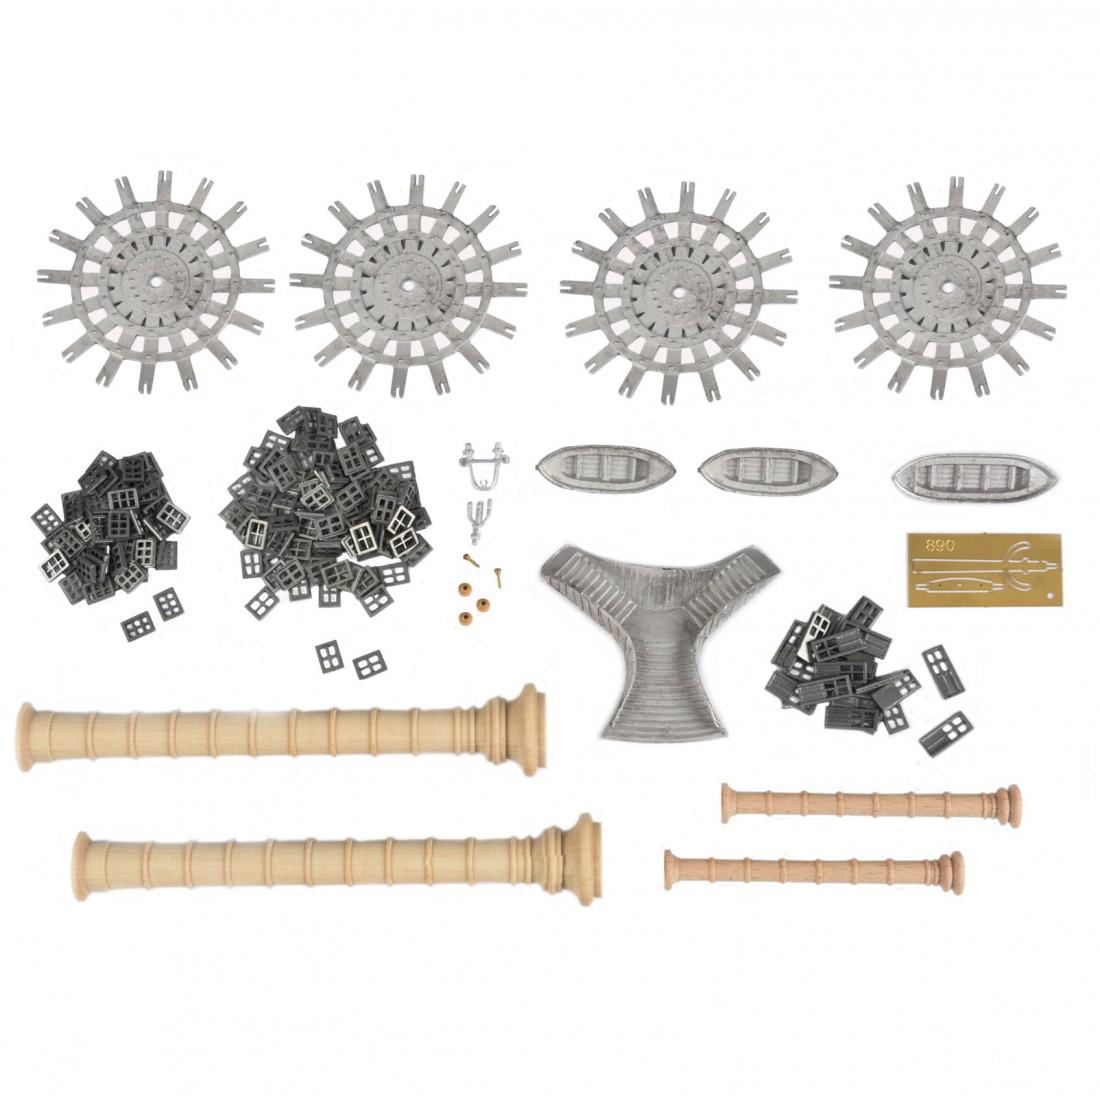 Robert E. Lee accesorios y chimeneas.